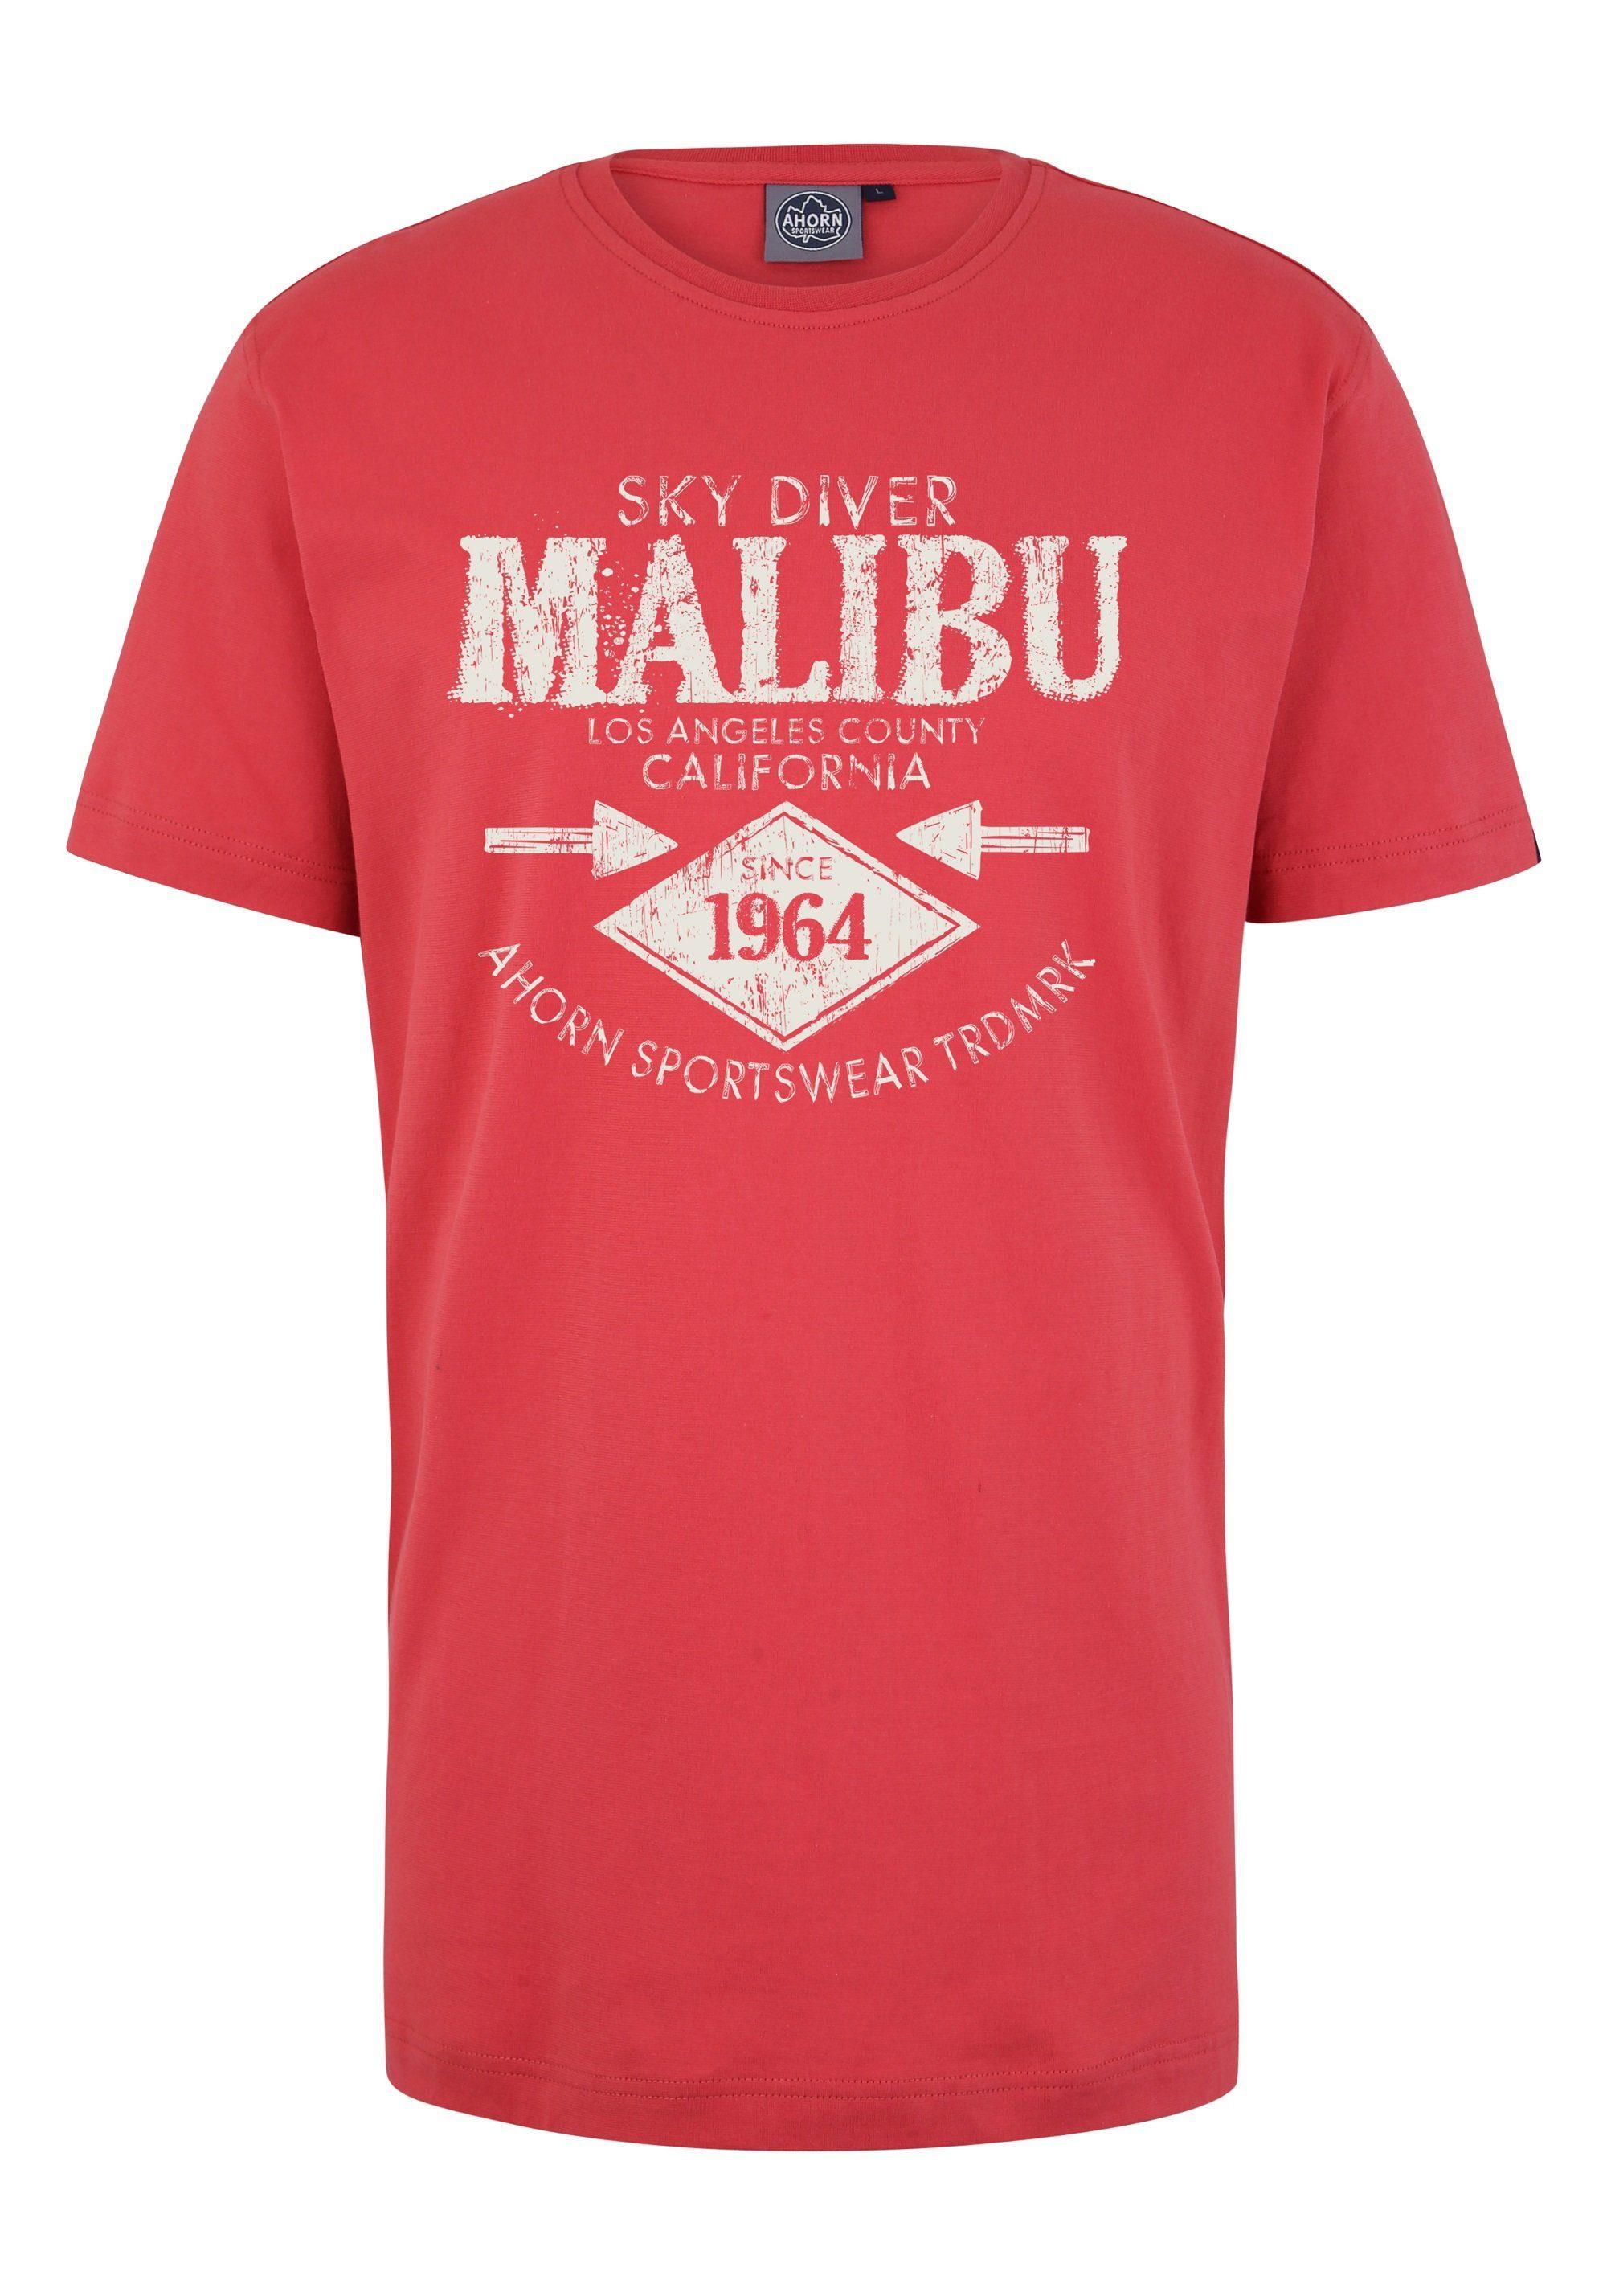 shirt Online Kaufen Ahorn T Mit Front Sportswear Auffälligem print 8vm0Nnw